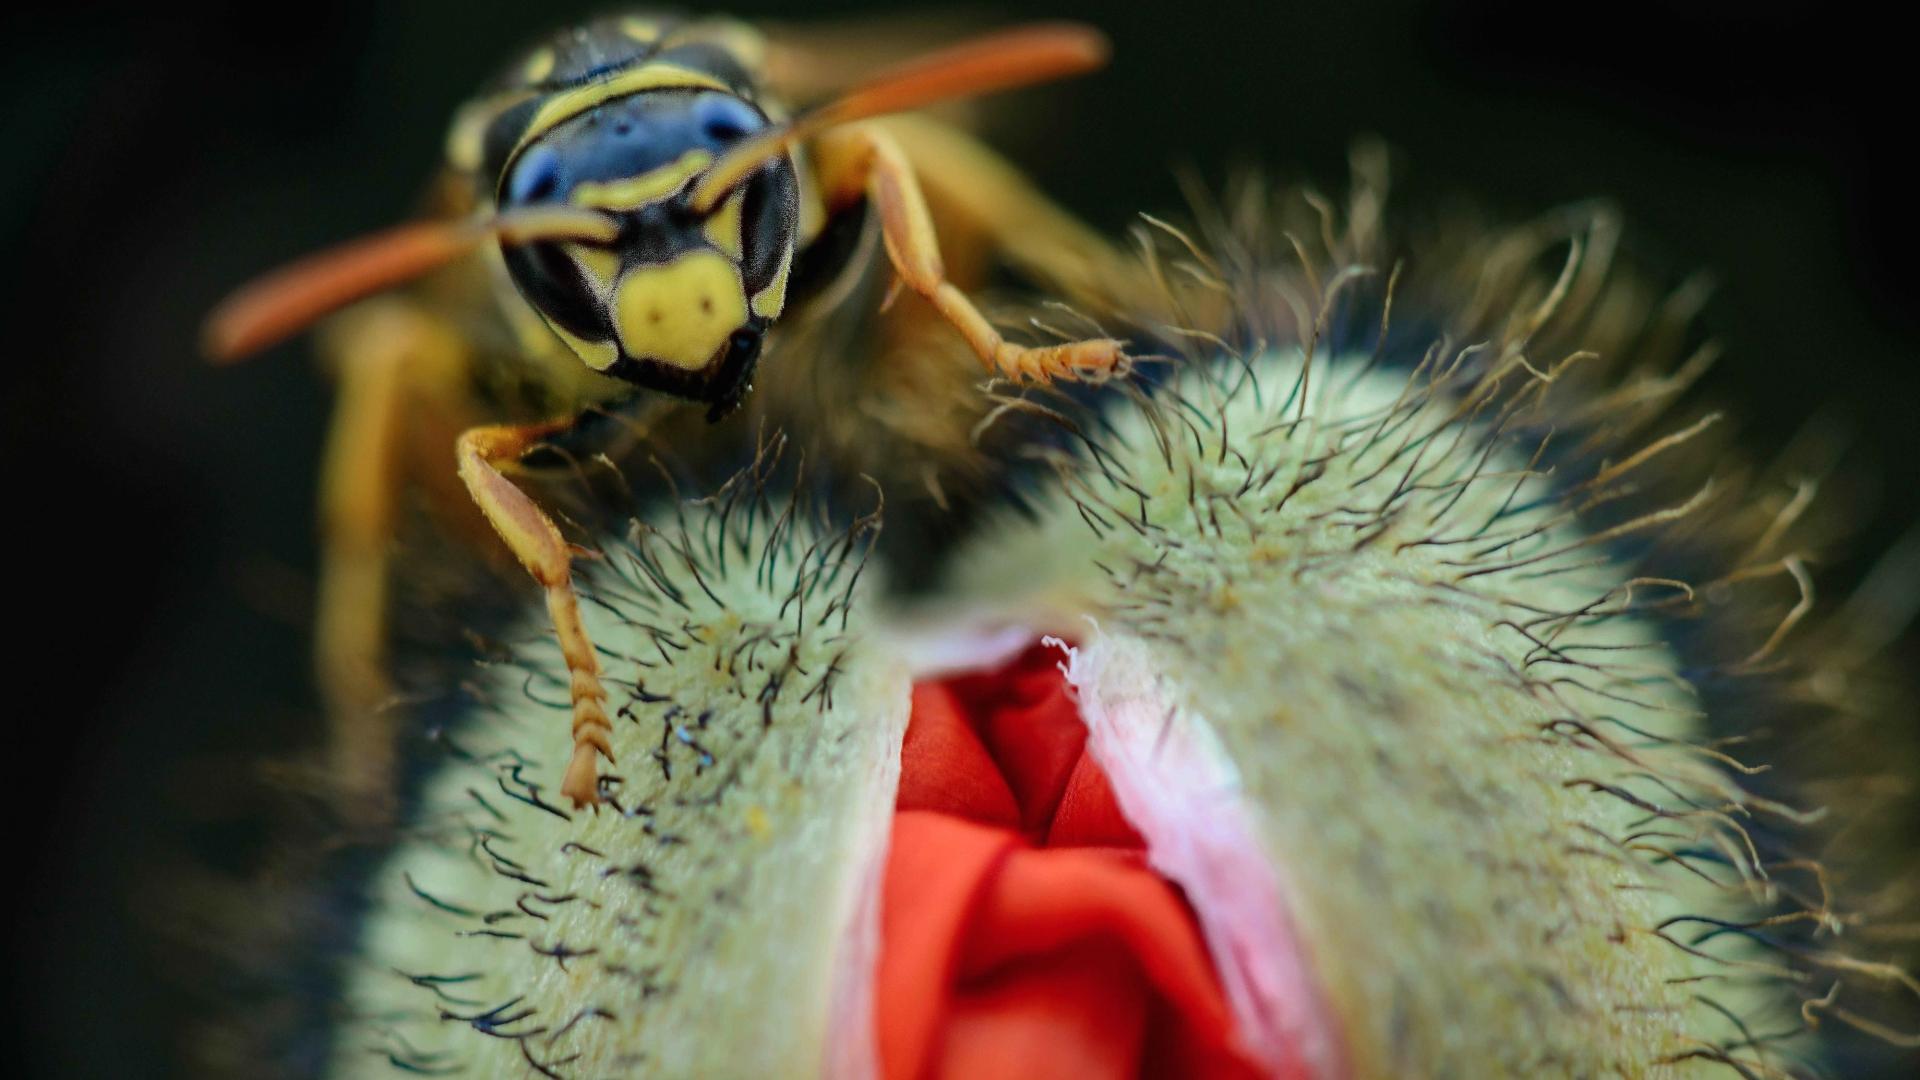 Una avispa y una amapola - 1920x1080